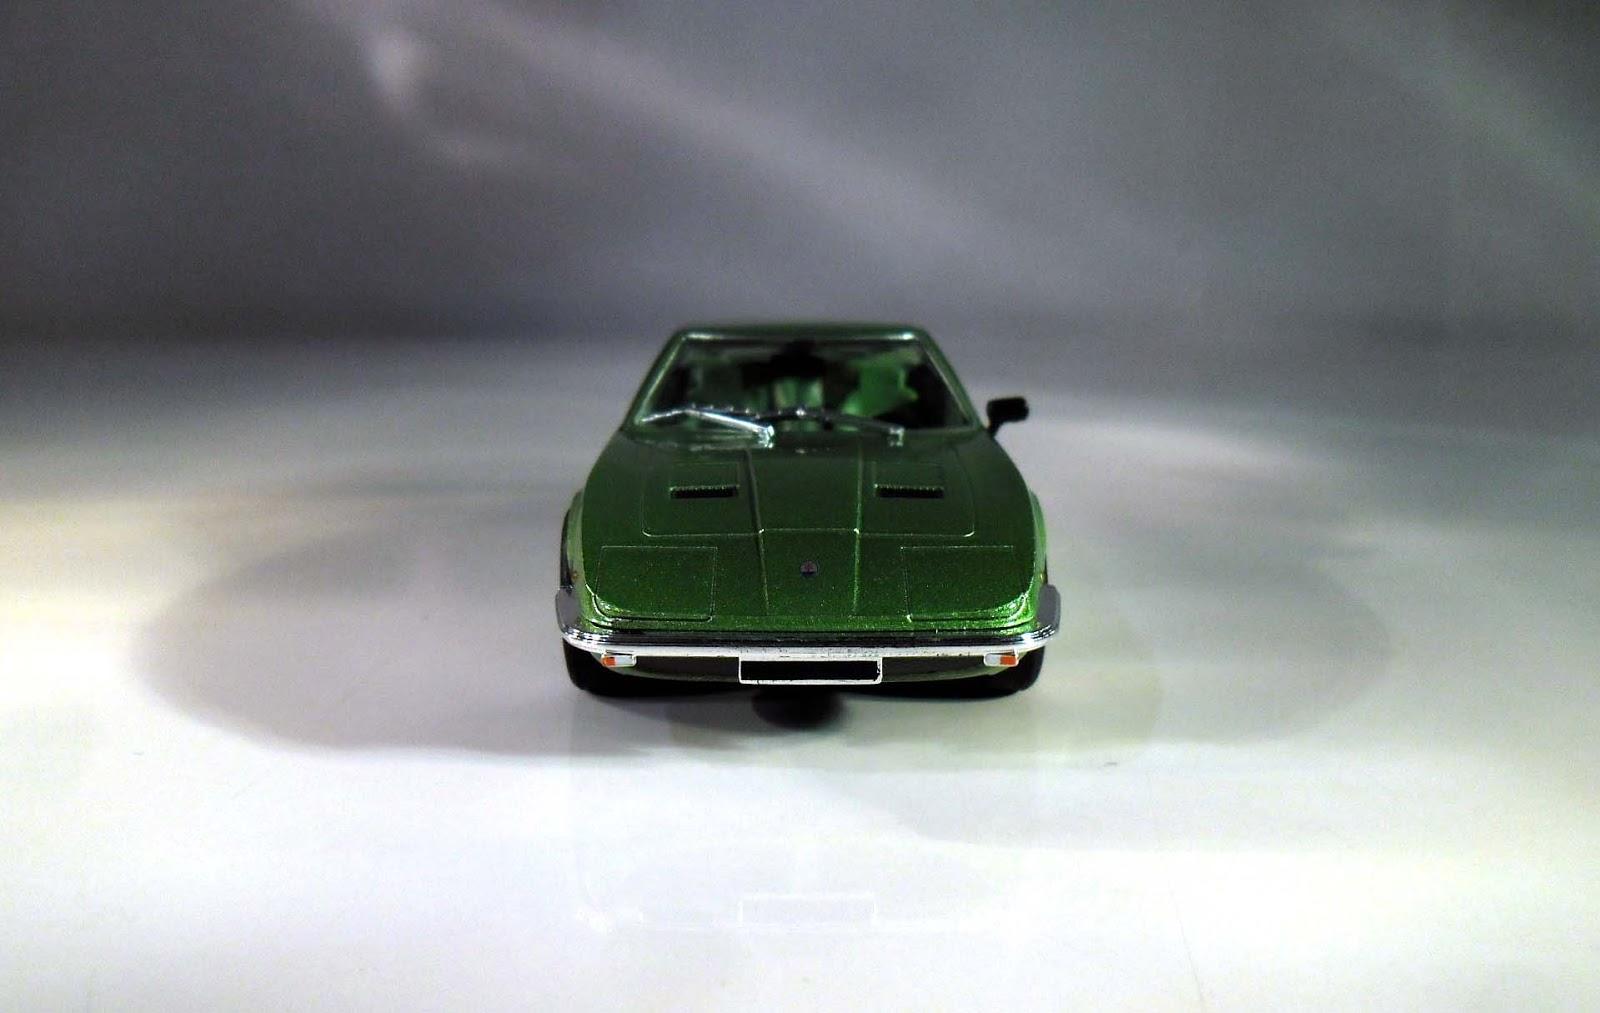 Maserati Quattroporte 3 plata-gris 1983 1:43 maqueta de coche